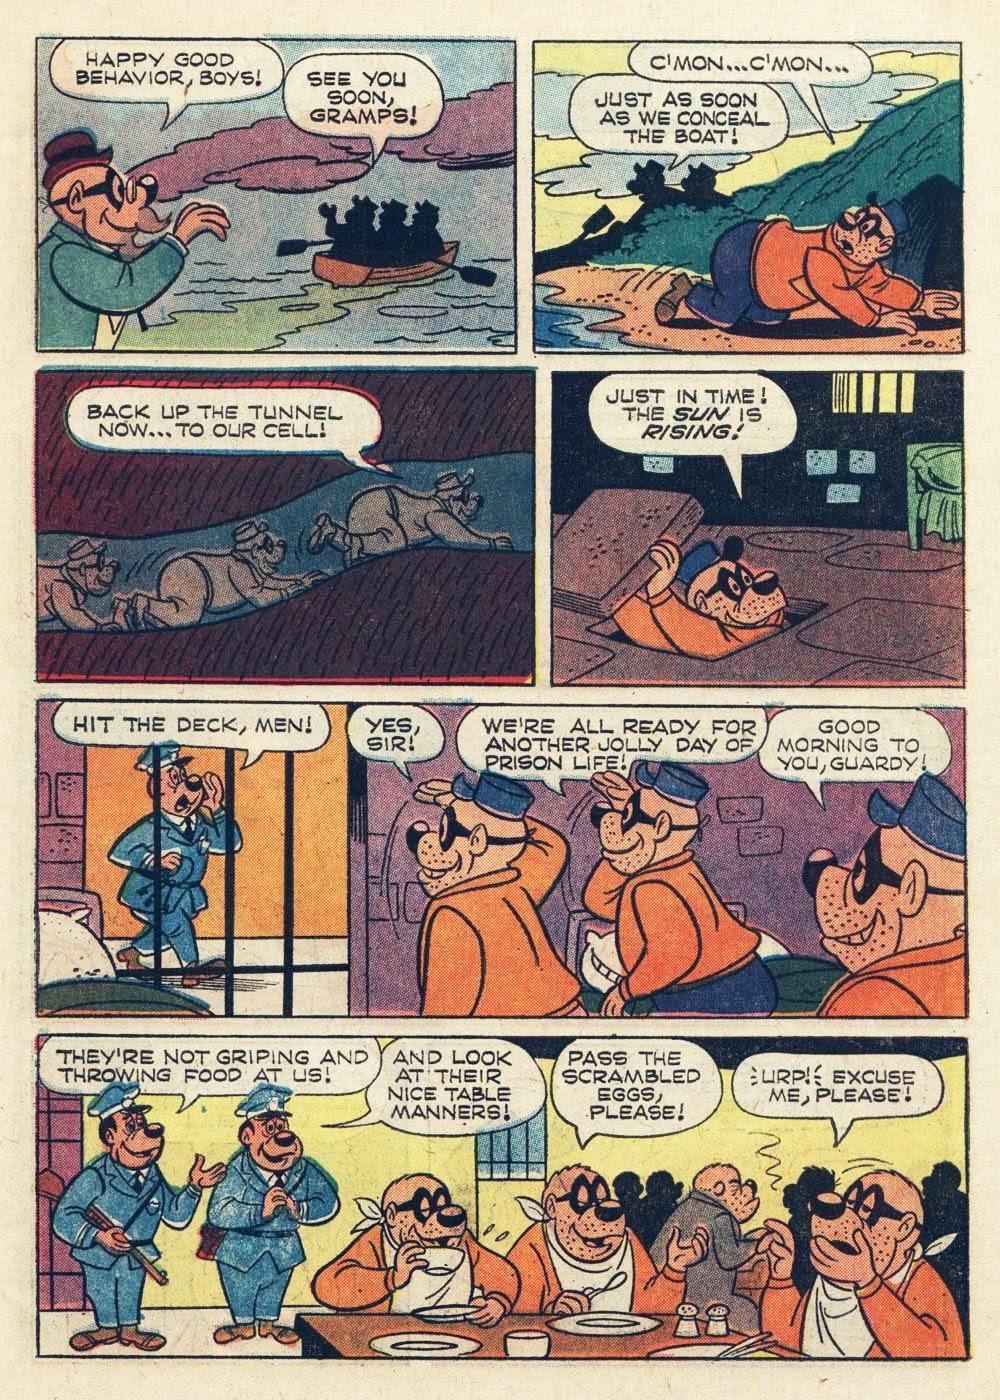 Walt Disney THE BEAGLE BOYS issue 6 - Page 7